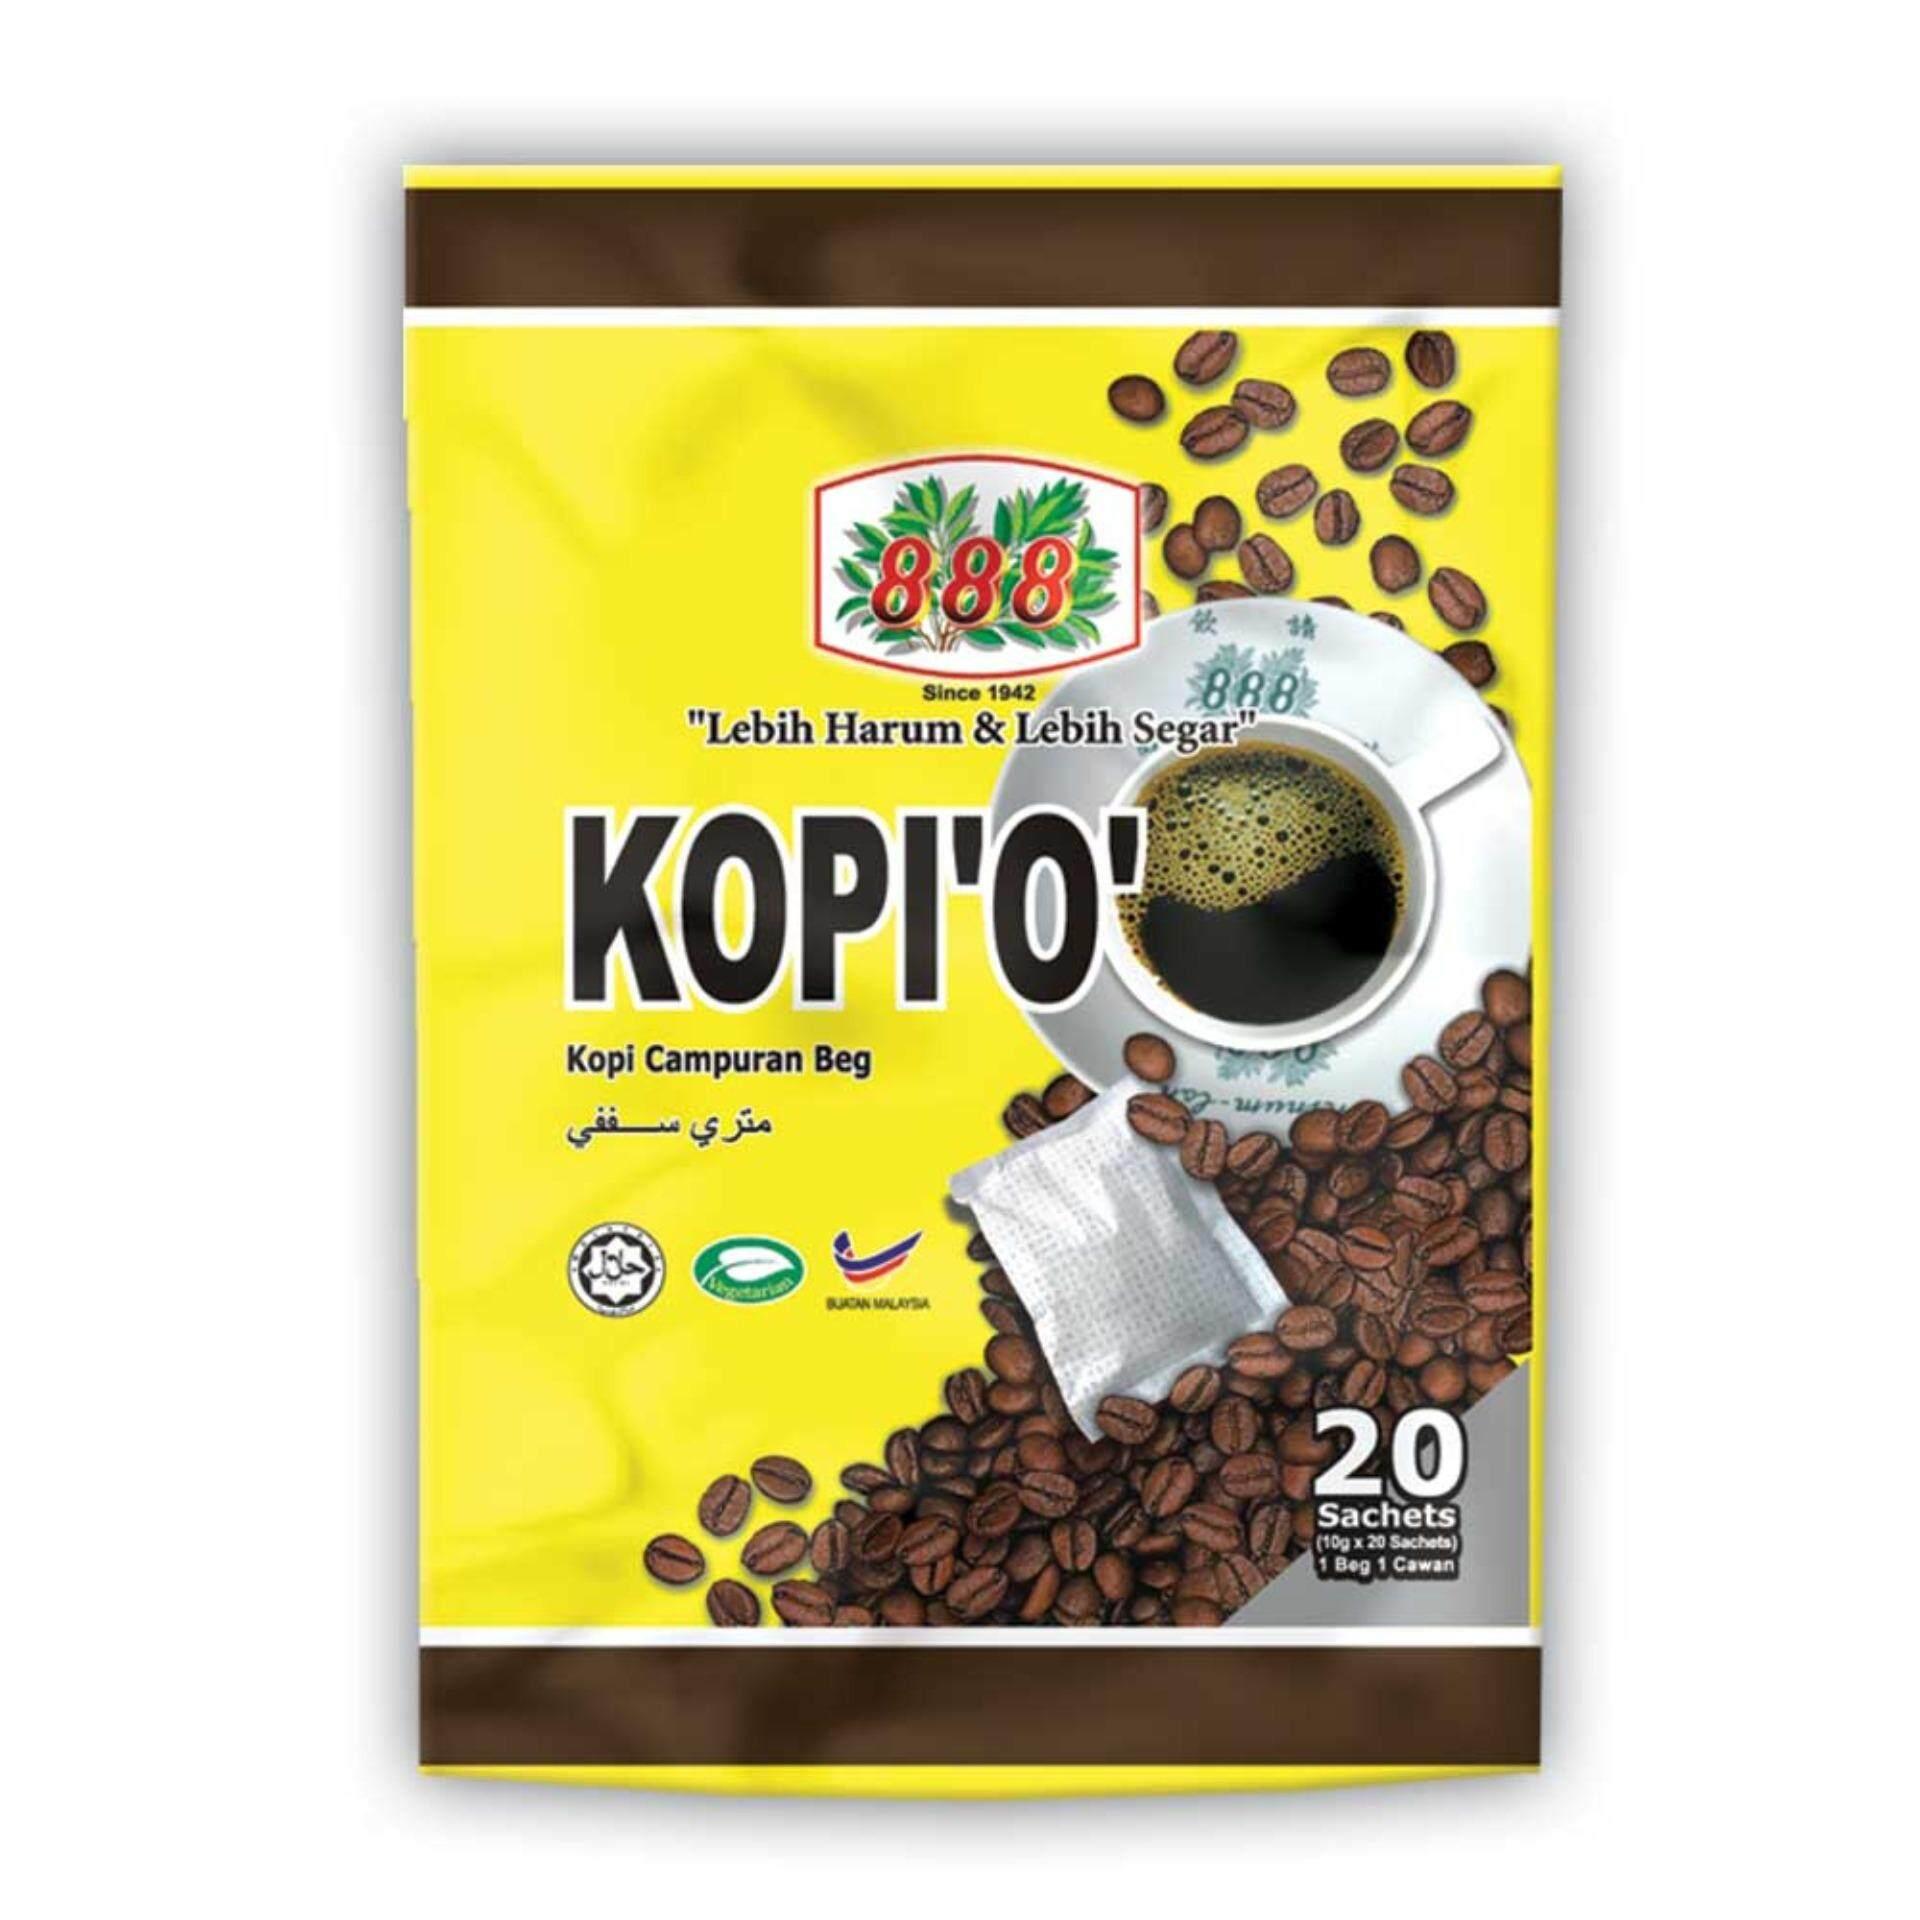 888 Kopi O Kosong (10g x 20 Sachets)